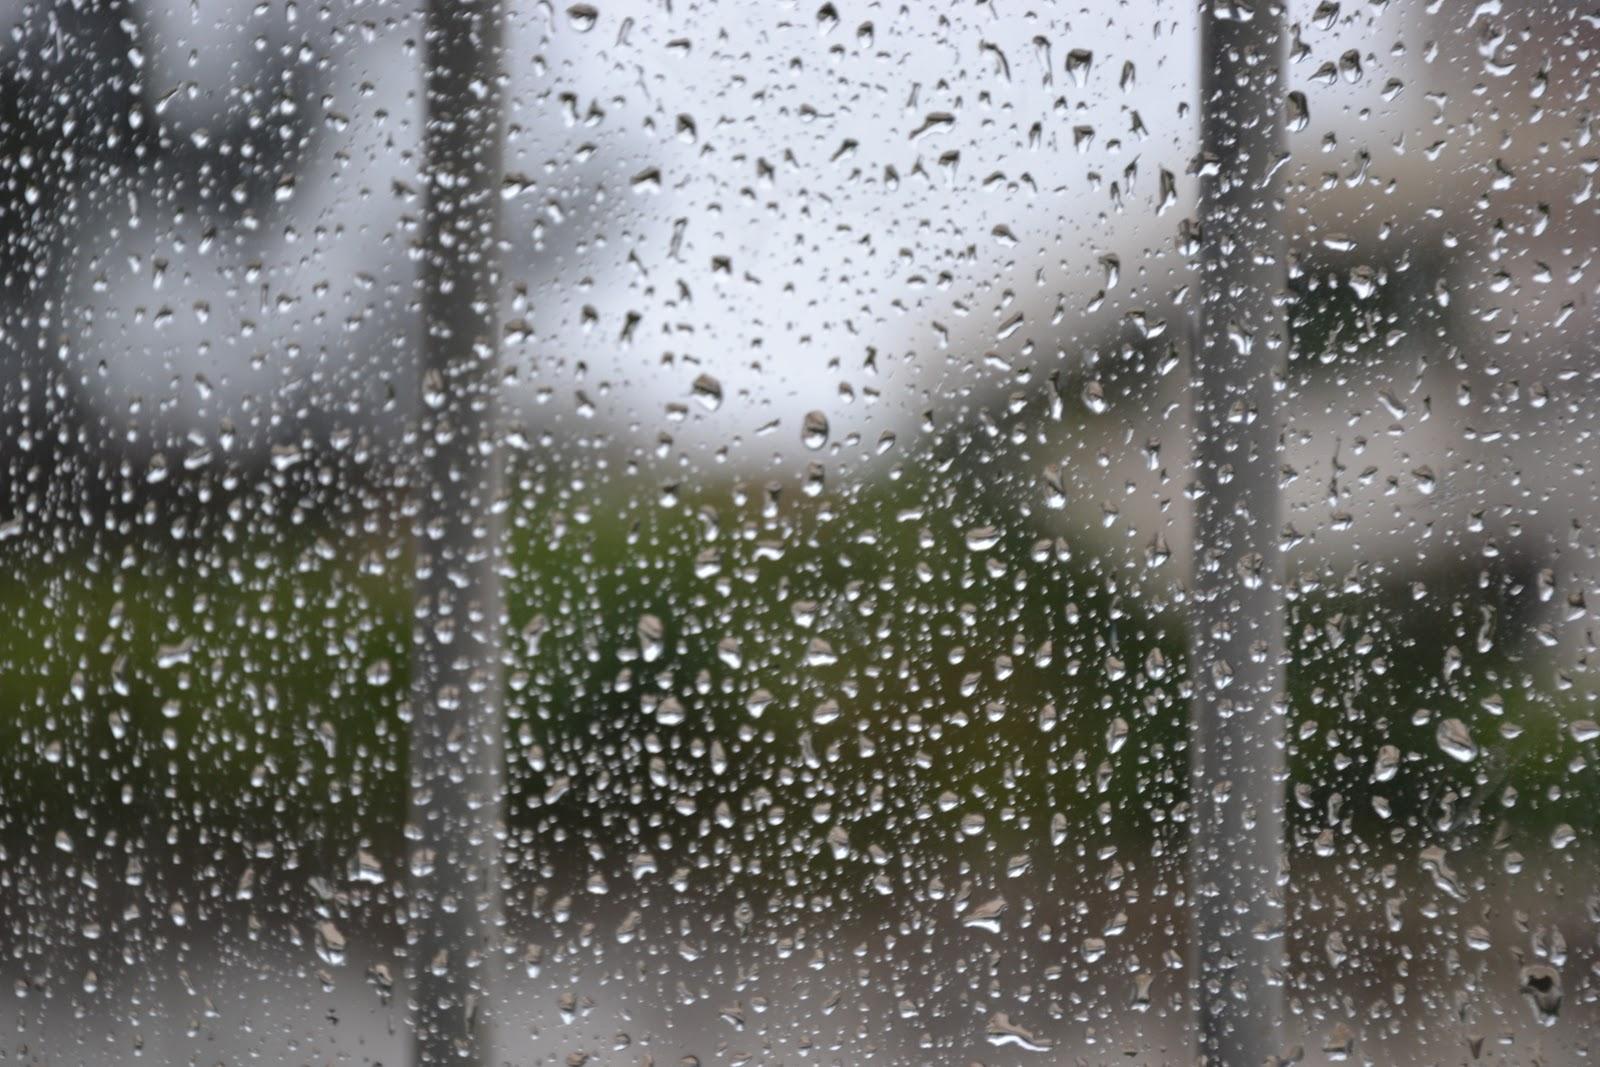 #515E7A  janela é uma história de chuva. Cada gota na janela me faz sentir 1538 Vedar Janelas Contra Vento